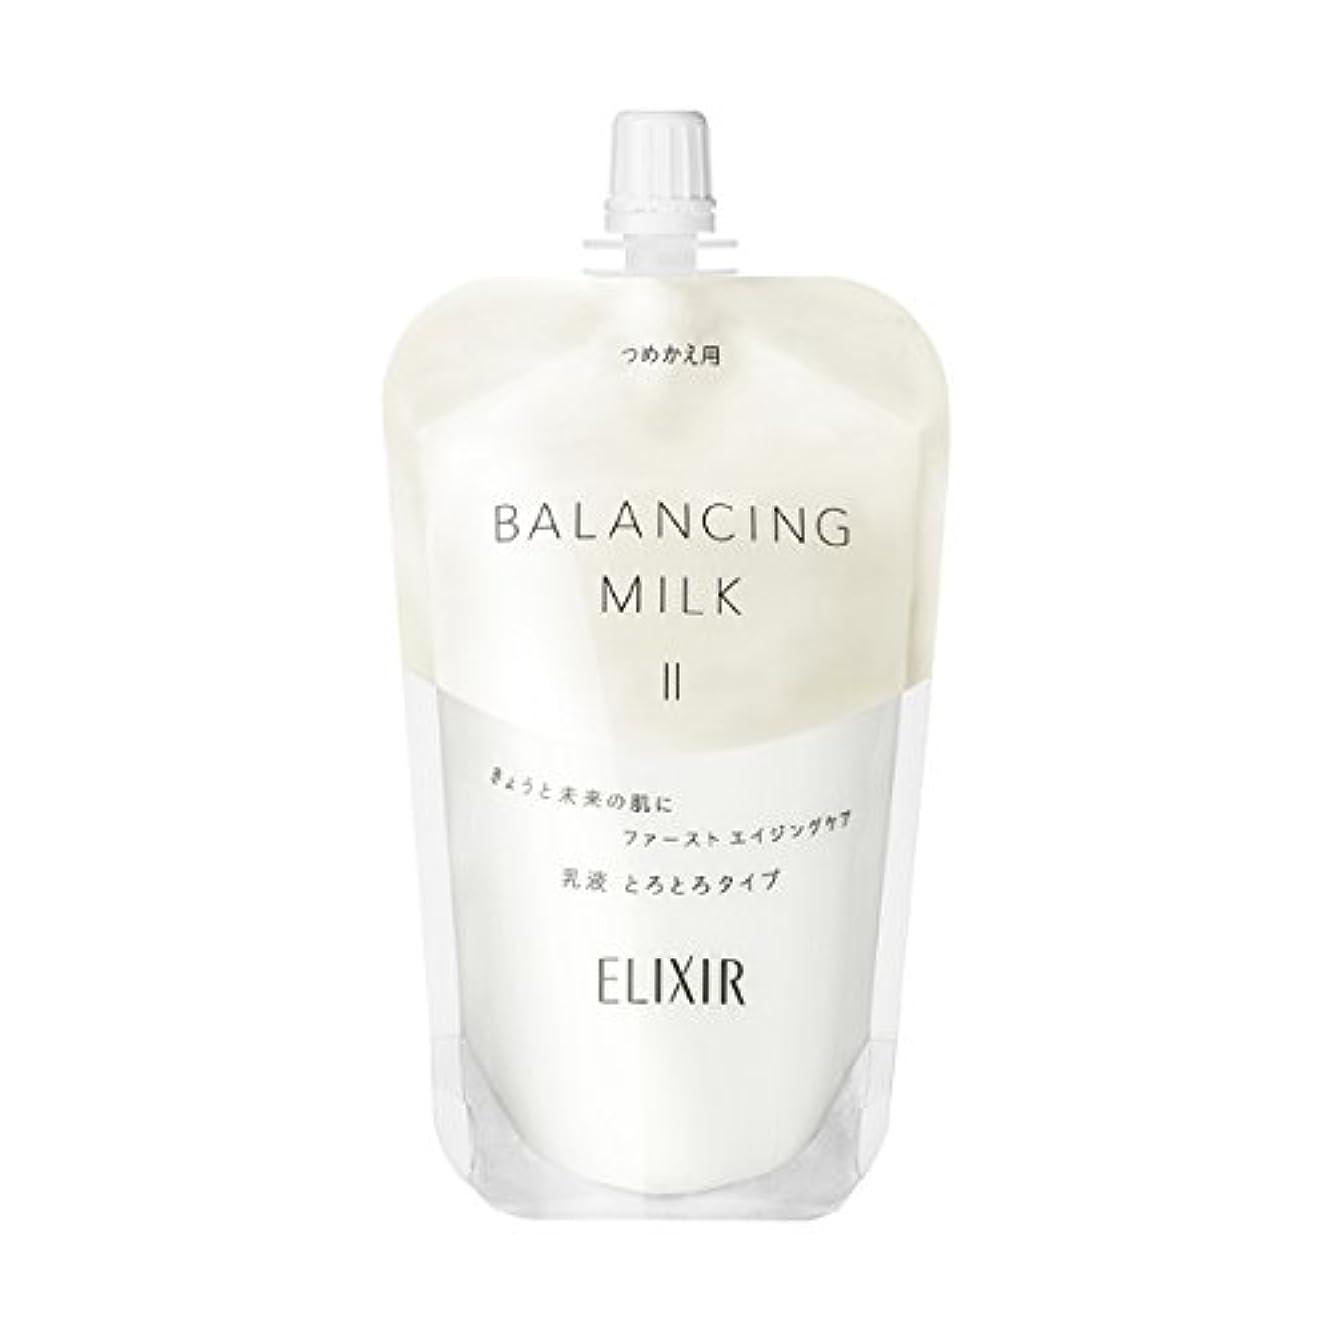 シットコム眠いですエキゾチックエリクシール ルフレ バランシング ミルク 乳液 2 (とろとろタイプ) (つめかえ用) 110mL